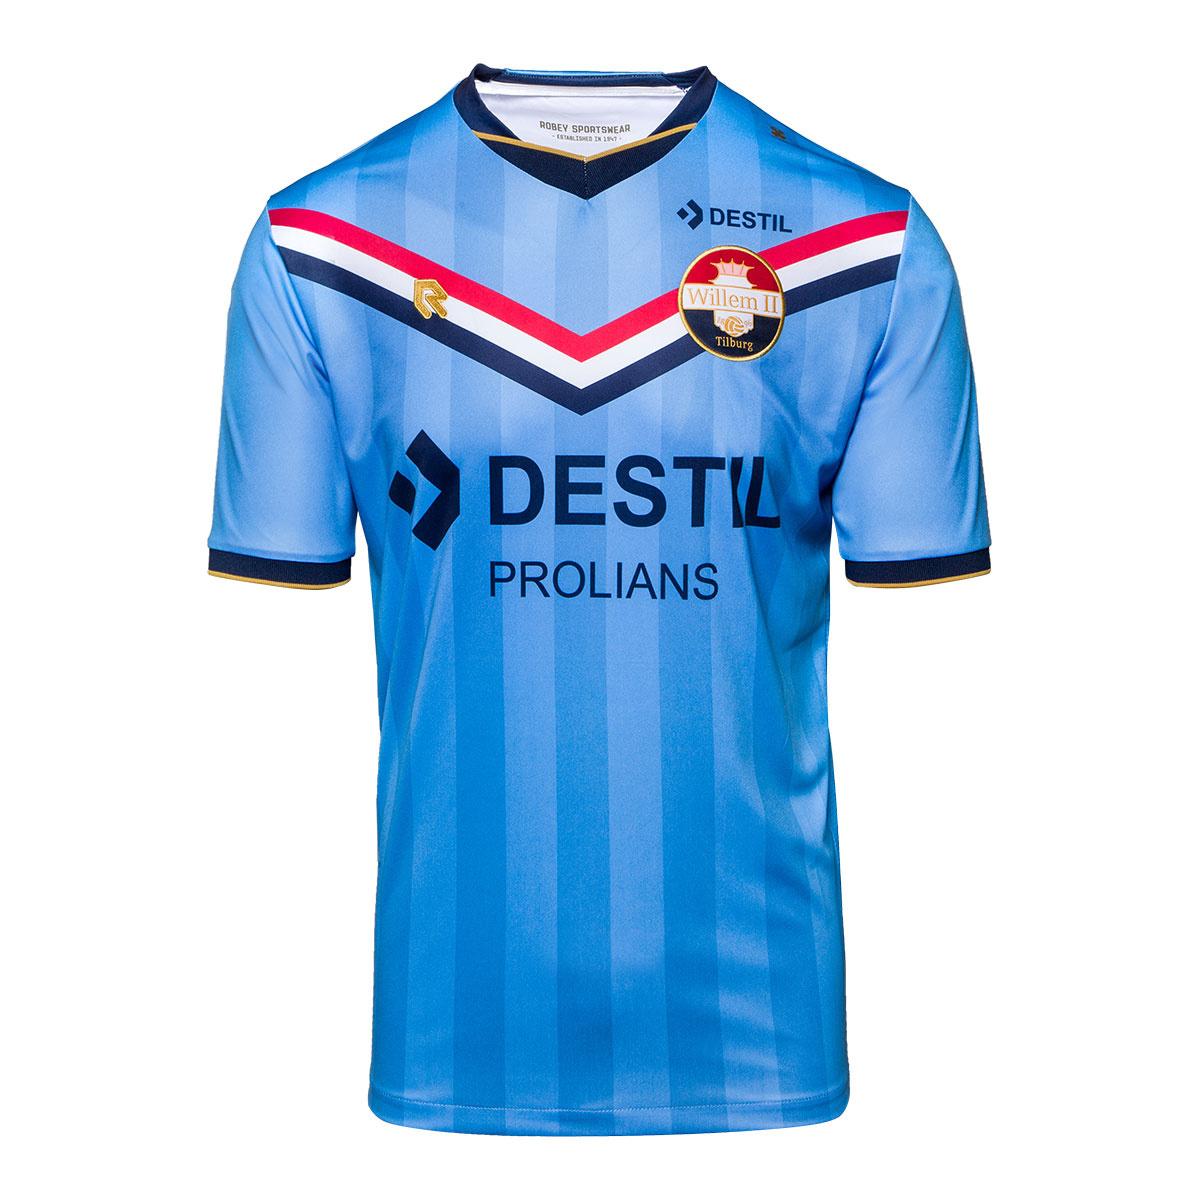 Robey Willem II derde wedstrijdshirt - senior